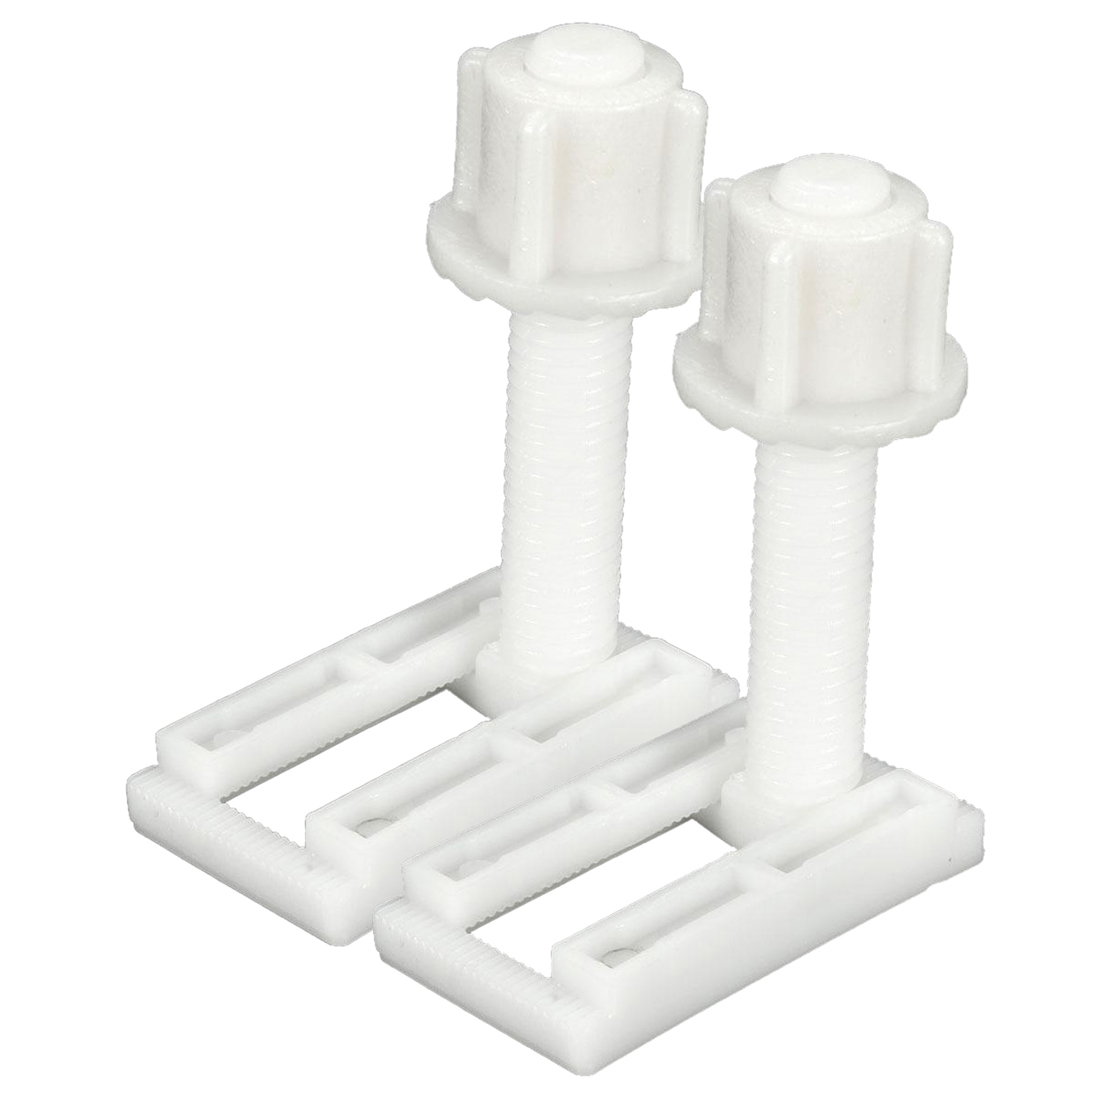 2pcs DIY Plastic Toilet Seat Screws Fixings Fit Toilet Seats Hinges Repair Tools Type&Size:5# 4.4X2.4Cm